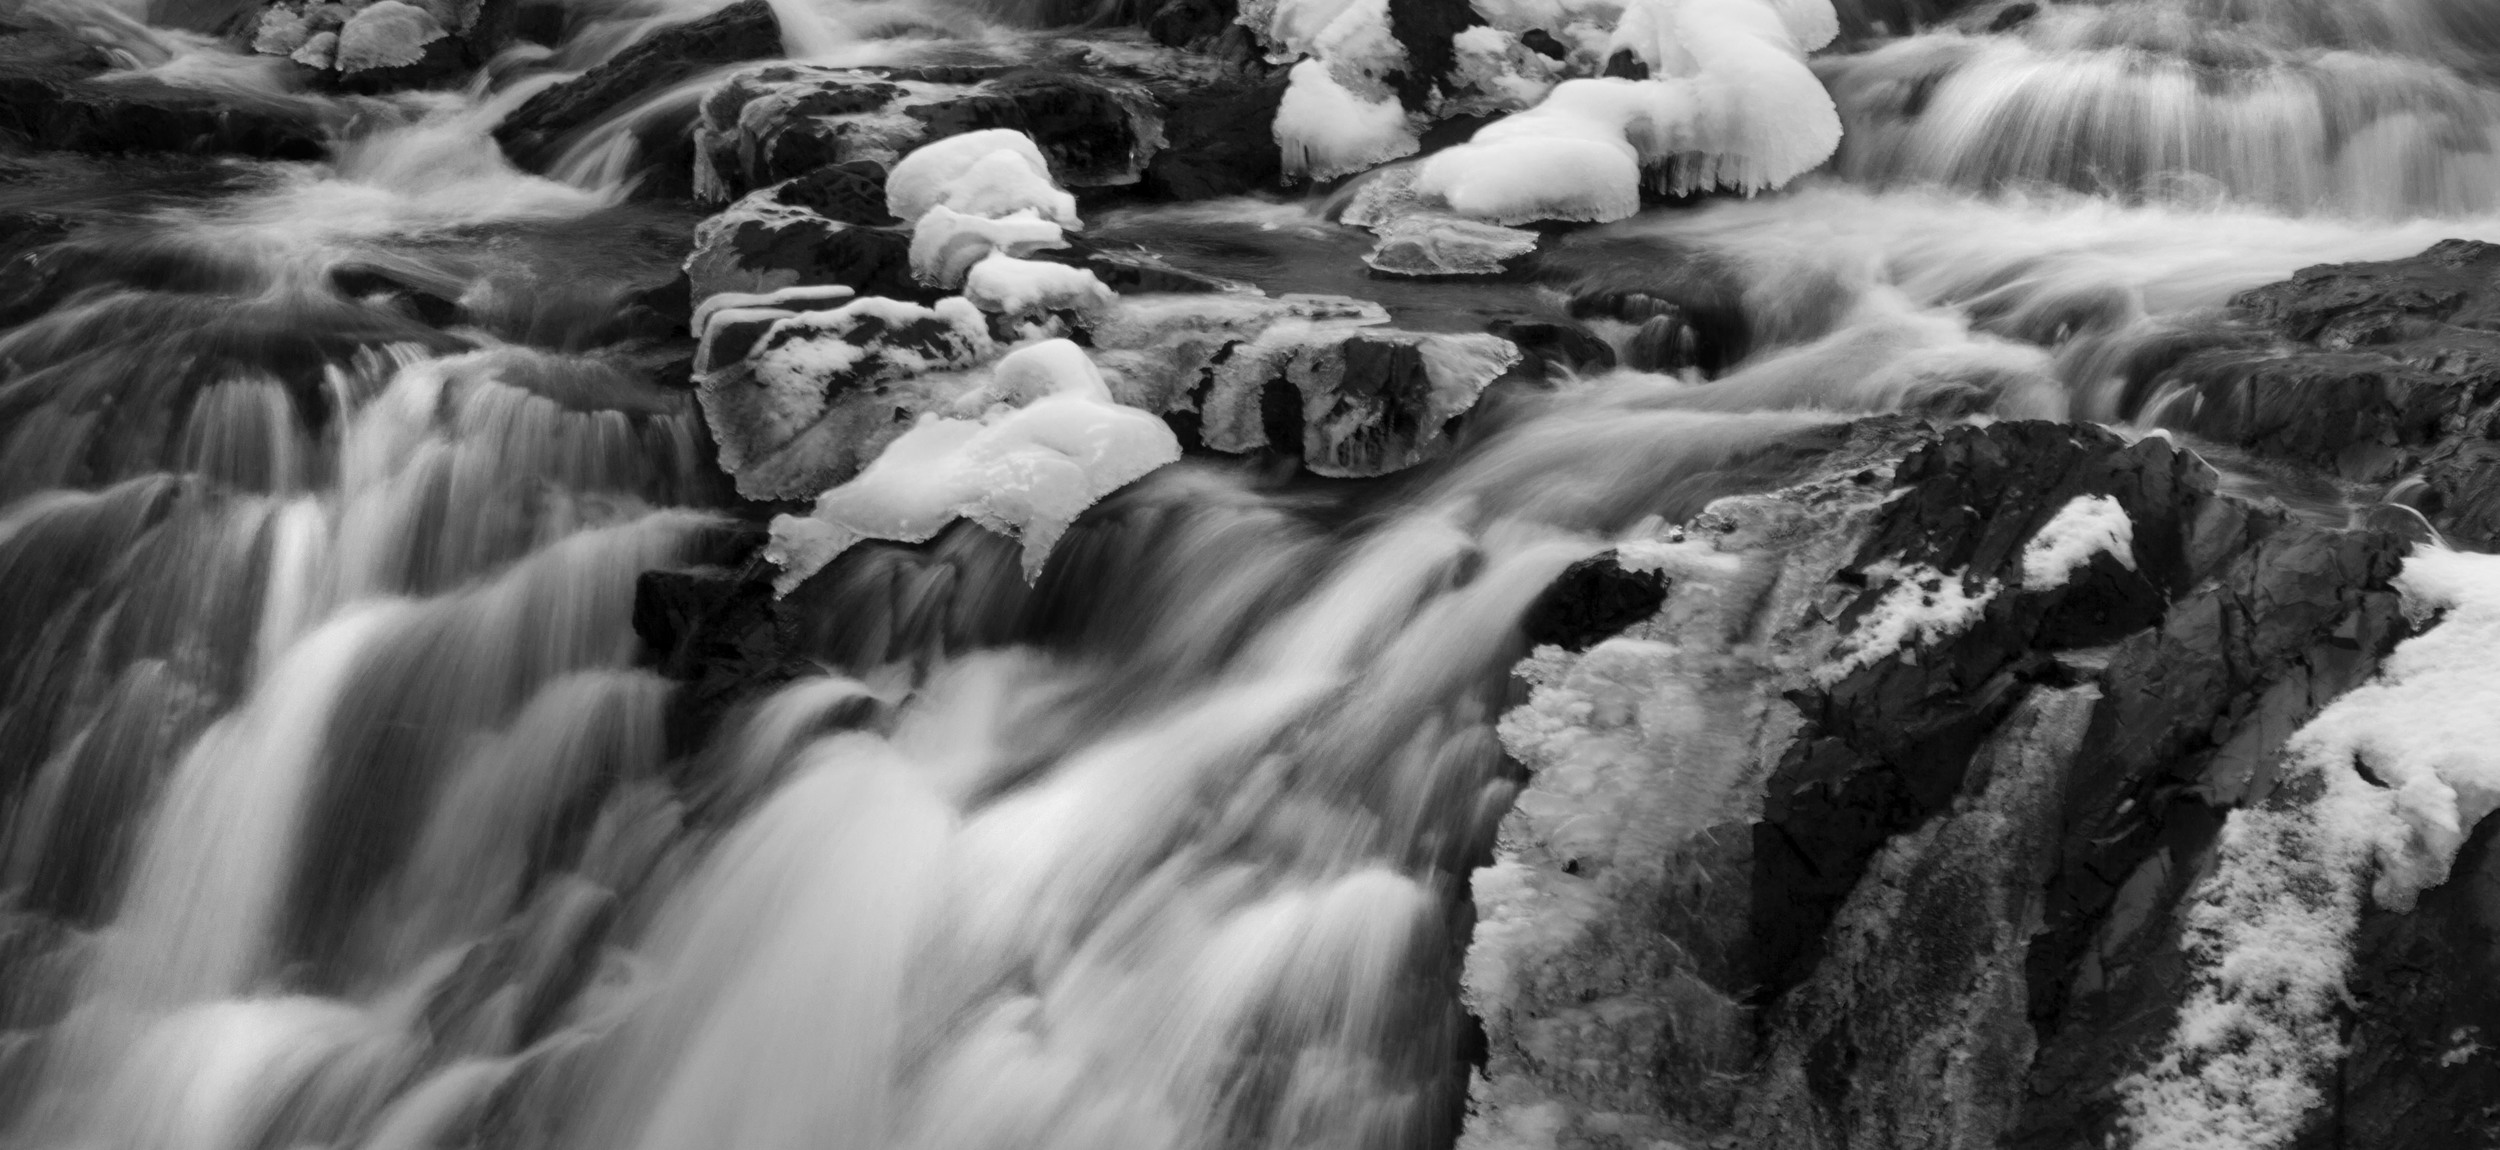 Cocheco Falls - Winter